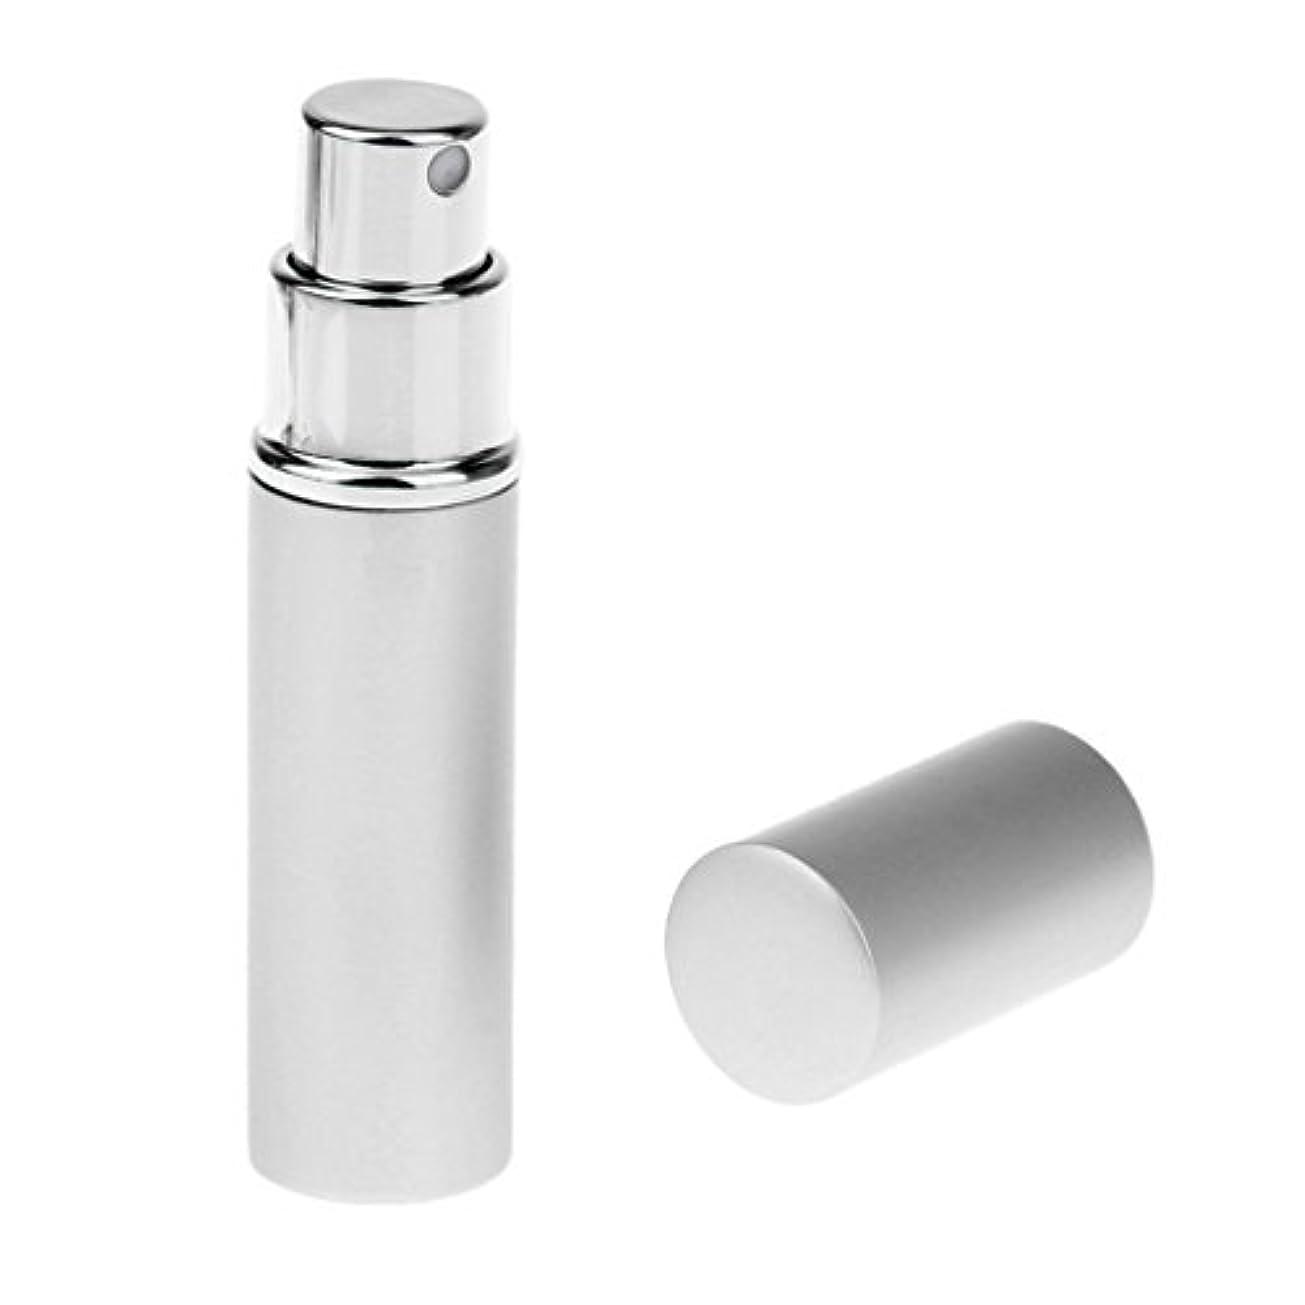 扇動するシリングトンネル詰め替え可能 ポータブル アルミ ガラス製 香水アトマイザー 空ボトル ポンプ 銀色